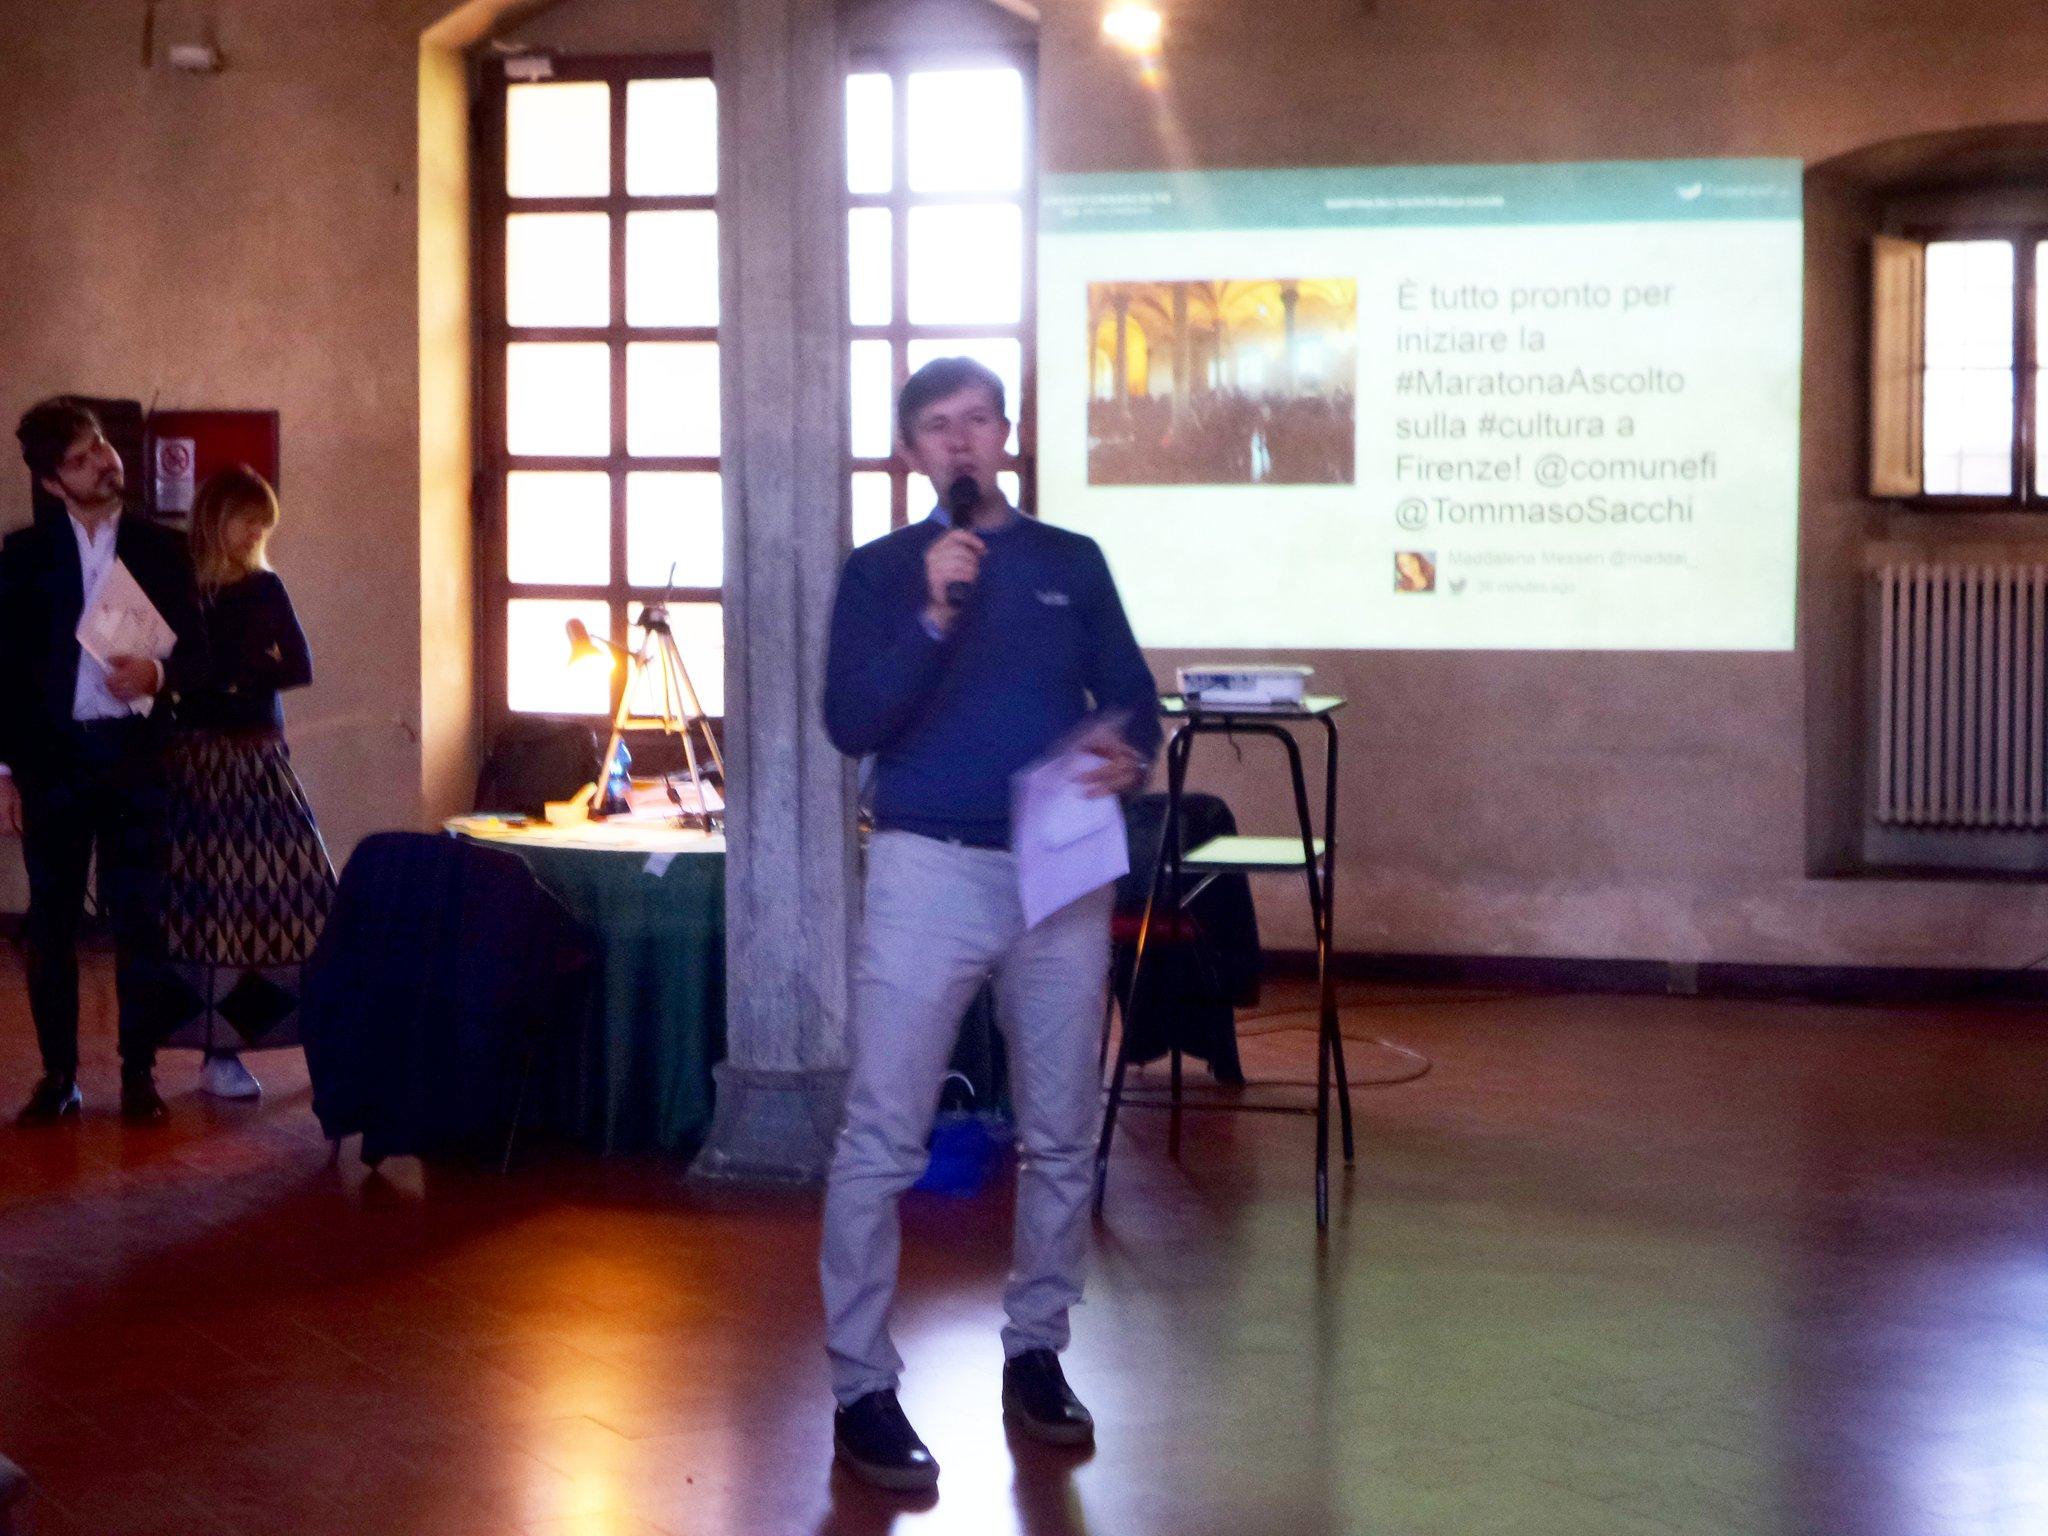 #maratonaascolto il sindaco @DarioNardella introduce il grande tema della #cultura a #firenze https://t.co/isOnBghFnQ